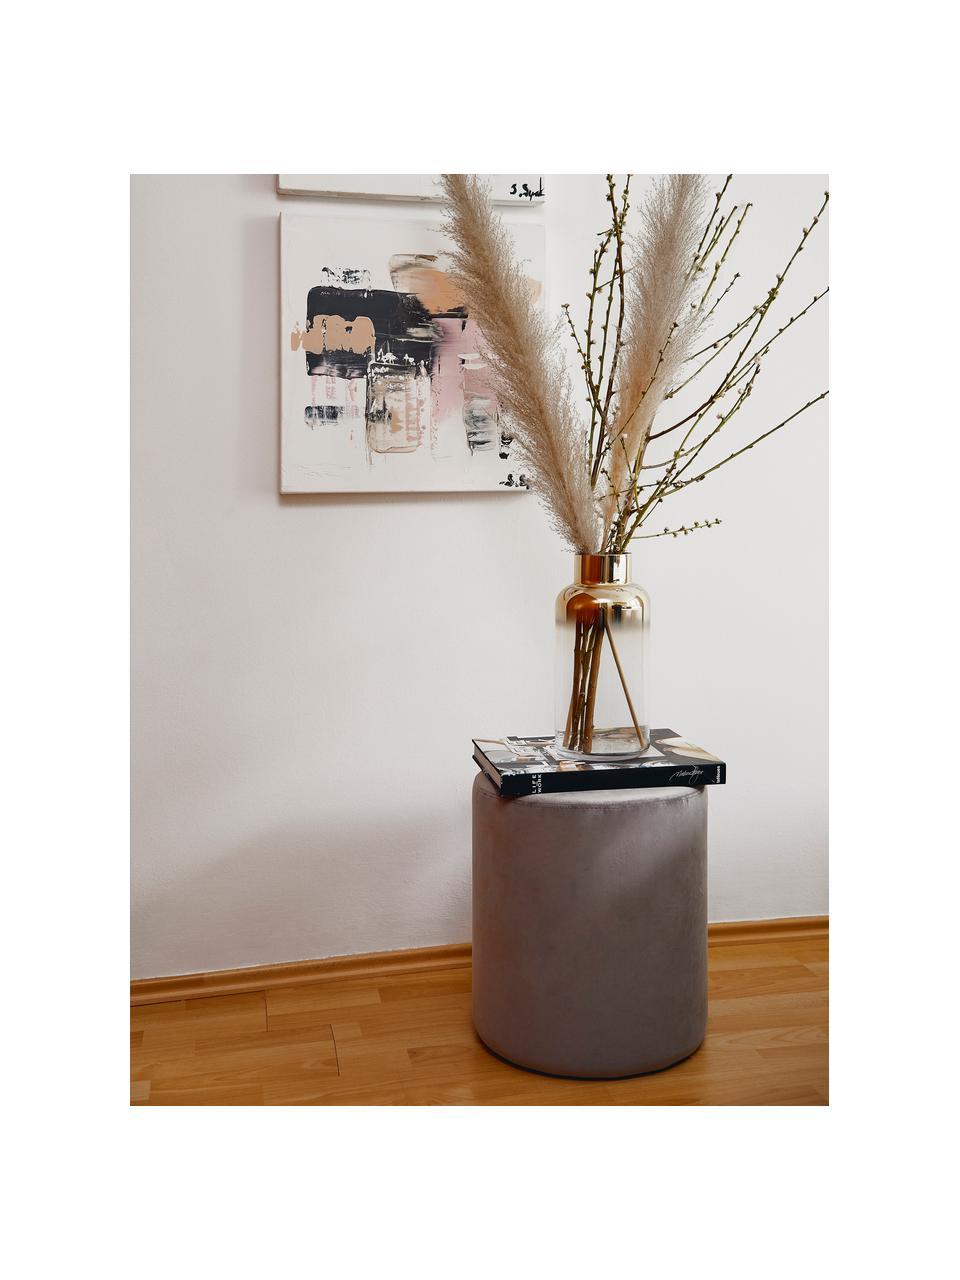 Puf z aksamitu Daisy, Tapicerka: aksamit (poliester) Dzięk, Aksamitny szary, Ø 38 x W 45 cm